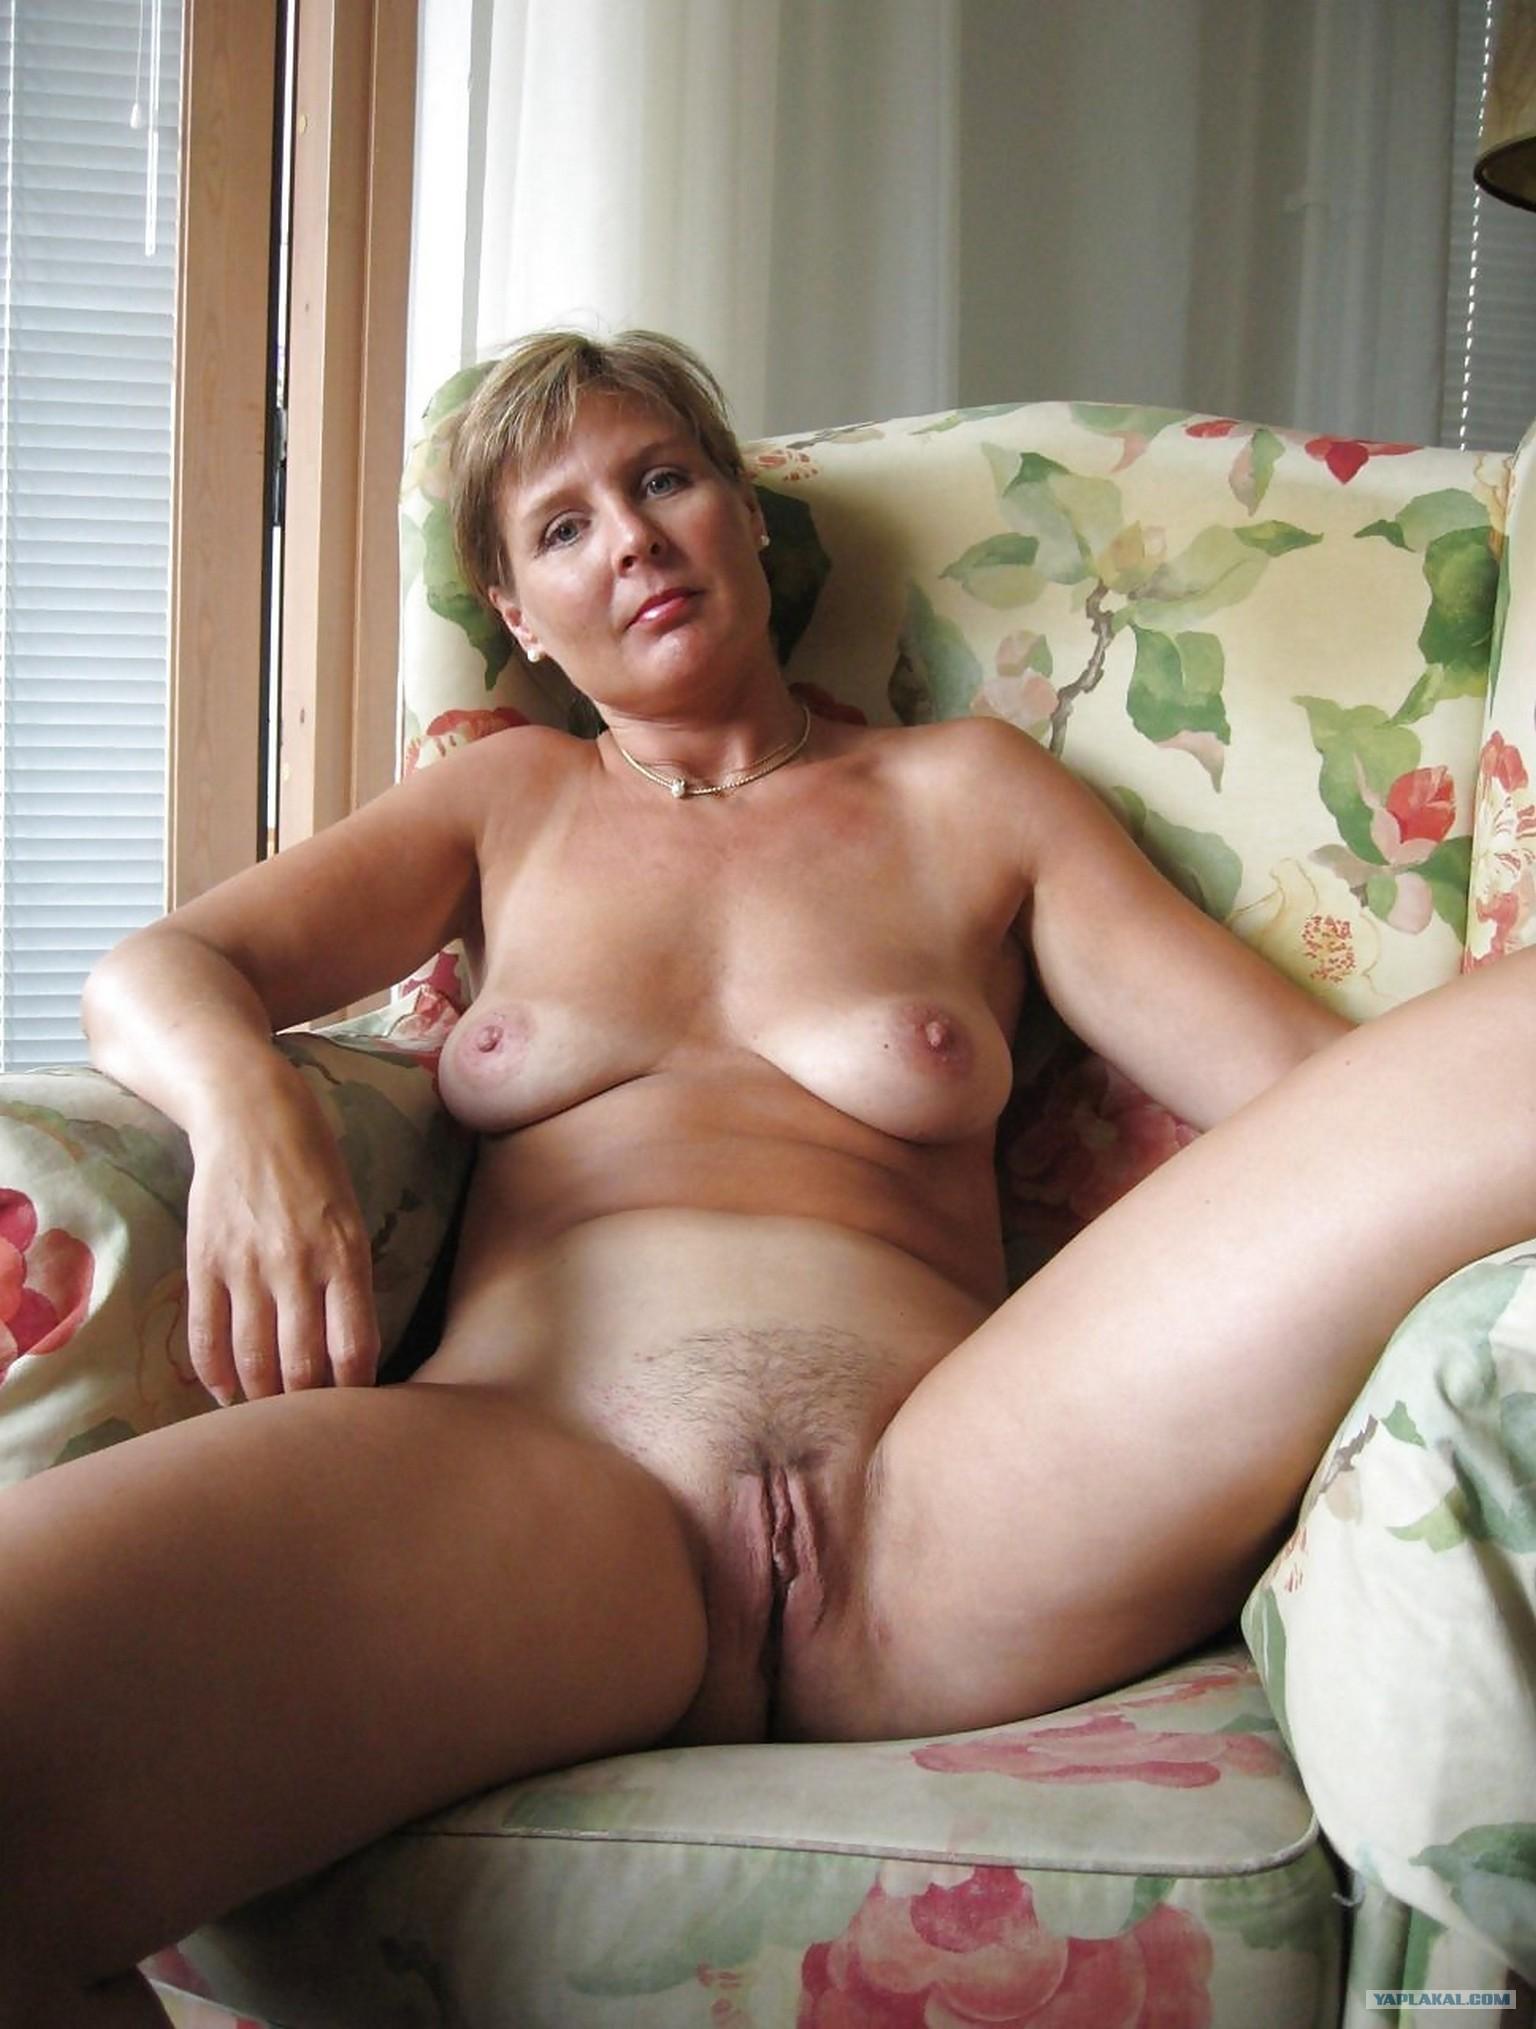 мне нравится... секс порнуха красотка допускаете ошибку